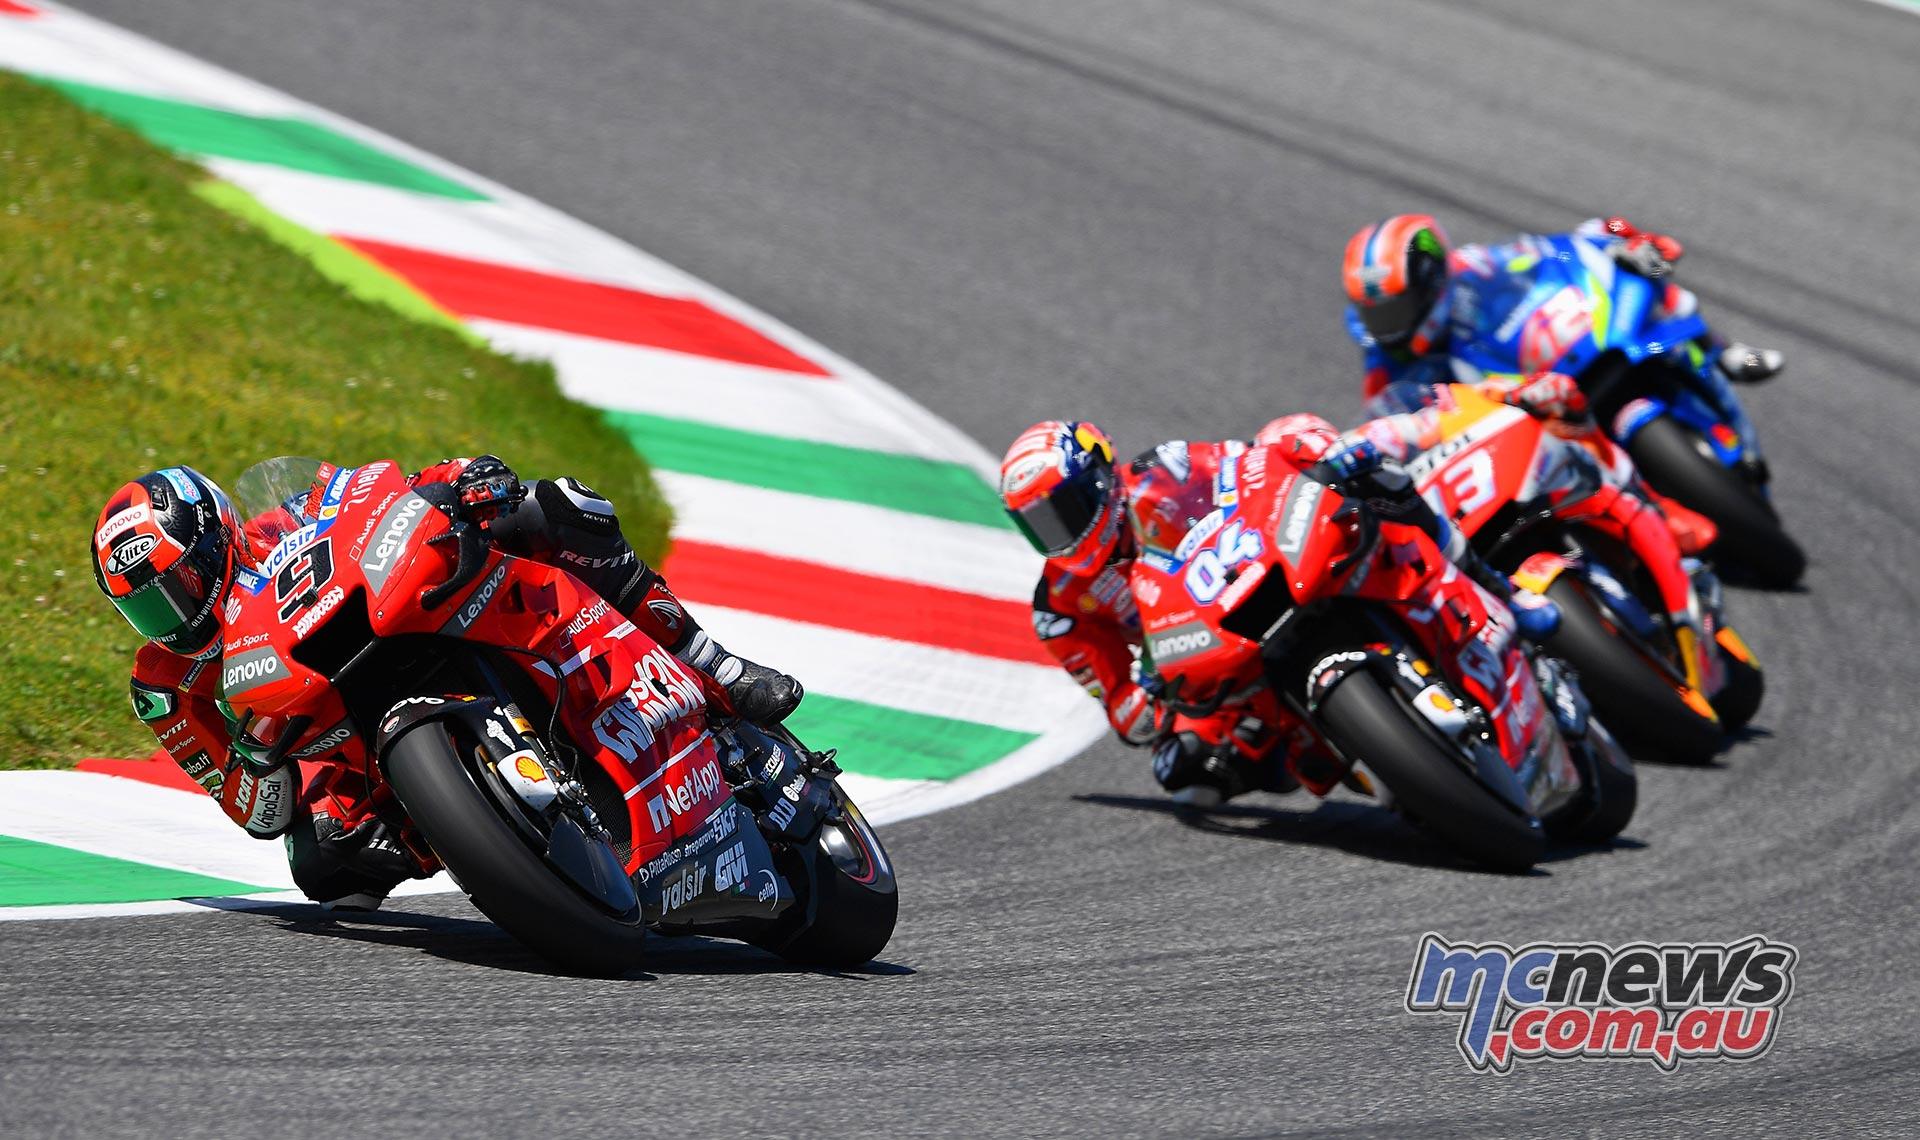 MotoGP Rnd Mugello Race Petrucci Dovizioso Marquez Rins Front